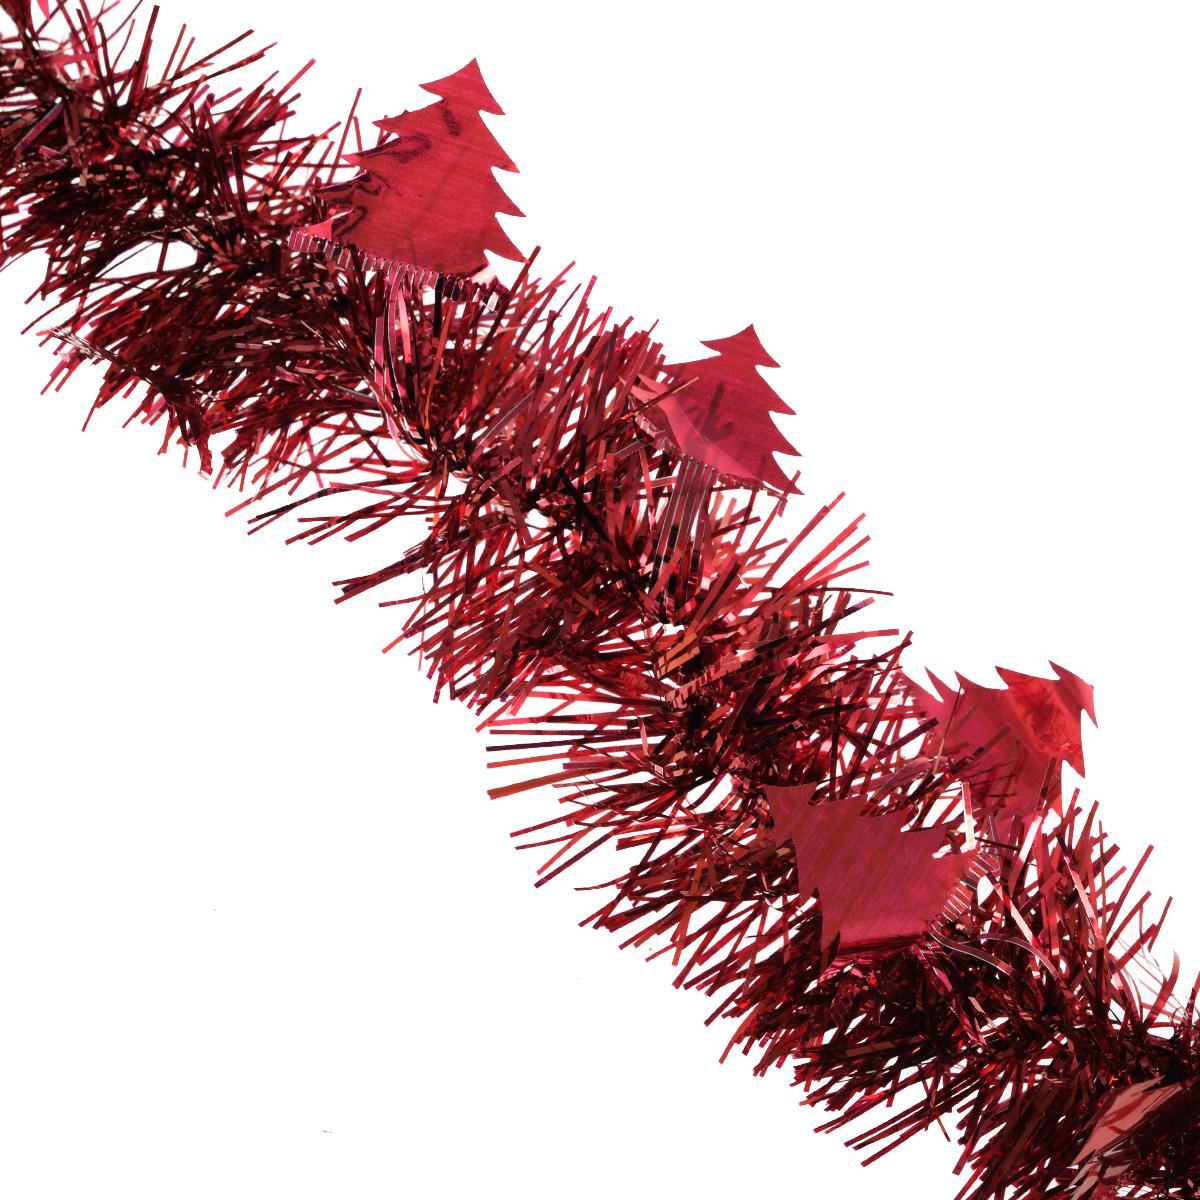 Мишура новогодняя Sima-land, цвет: красный, диаметр 8 см, длина 2 м. 702595702595Мишура новогодняя Sima-land, выполненная из фольги, поможет вам украсить свой дом к предстоящим праздникам. Мишура декорирована елочками и армирована, то есть имеет проволоку внутри и способна сохранять приданную ей форму. Новогодняя елка с таким украшением станет еще наряднее. Новогодней мишурой можно украсить все, что угодно - елку, квартиру, дачу, офис - как внутри, так и снаружи. Можно сложить новогодние поздравления, буквы и цифры, мишурой можно украсить и дополнить гирлянды, можно выделить дверные колонны, оплести дверные проемы. Коллекция декоративных украшений из серии Зимнее волшебство принесет в ваш дом ни с чем несравнимое ощущение праздника! Создайте в своем доме атмосферу тепла, веселья и радости, украшая его всей семьей.